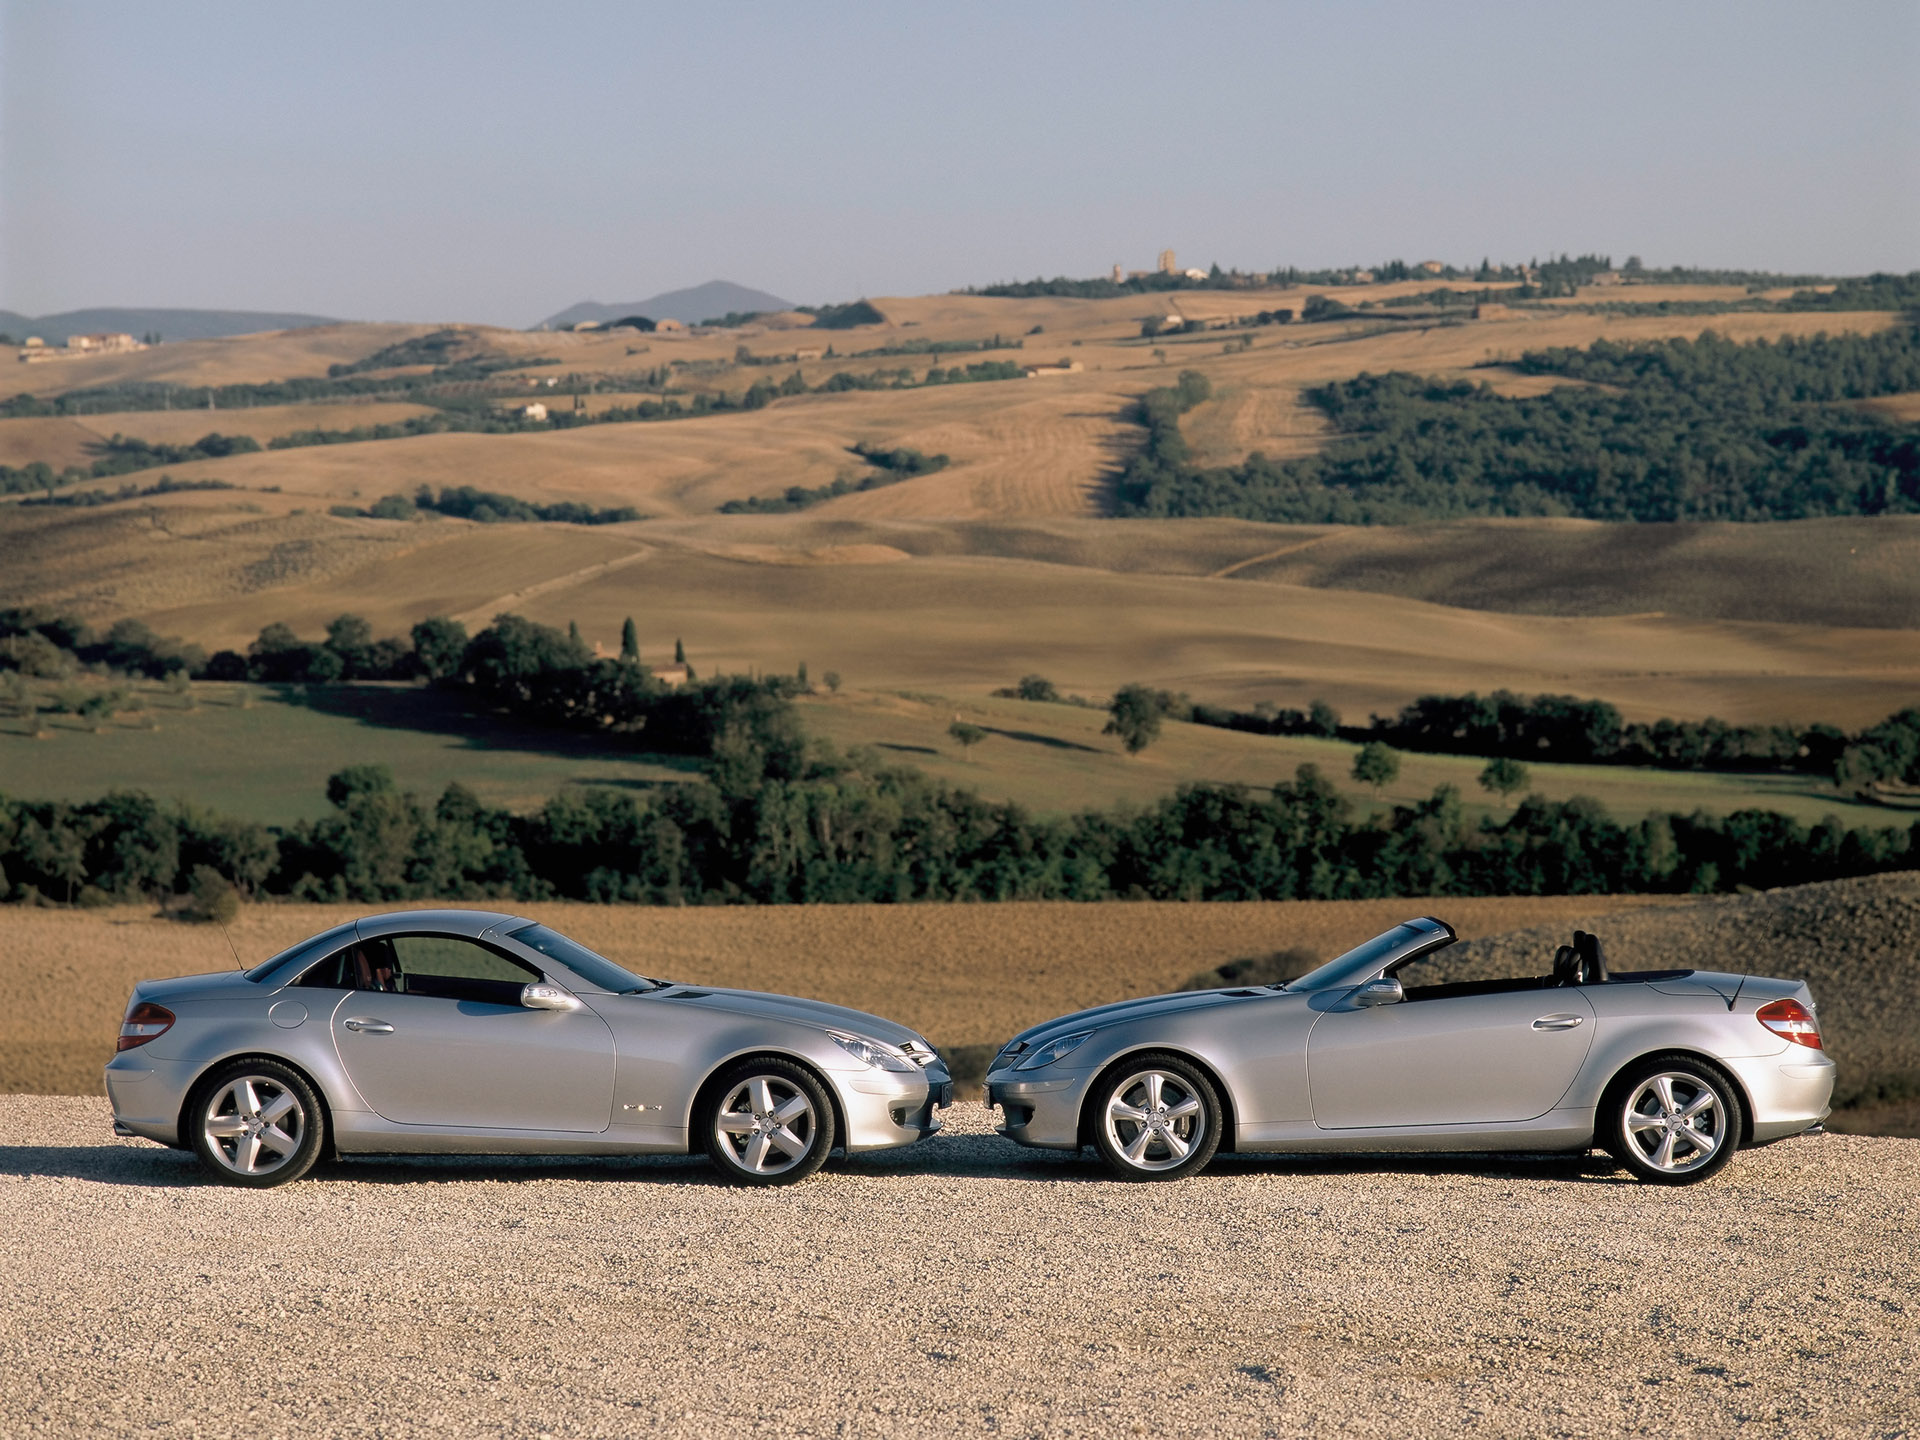 Mercedes Benz Slk R171 Pagenstecher De Deine Automeile Im Netz